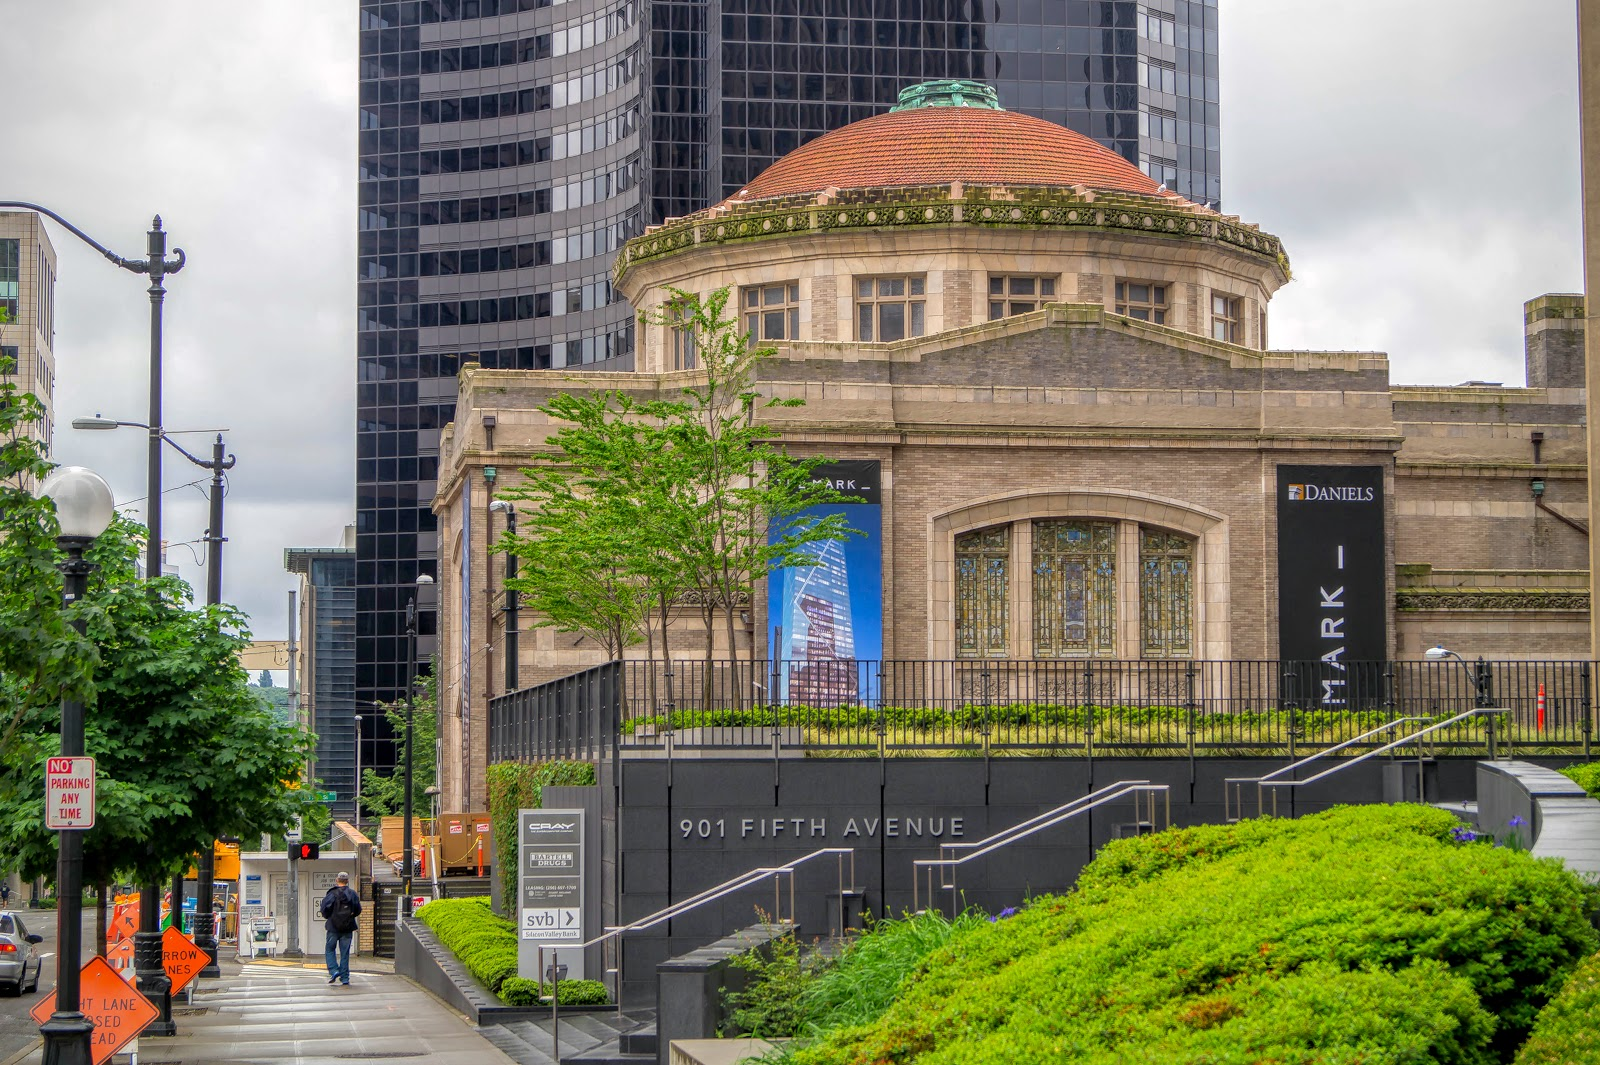 Под Коламбия-центром приютился концертный зал Дениэлс, построенный в 1908 году.